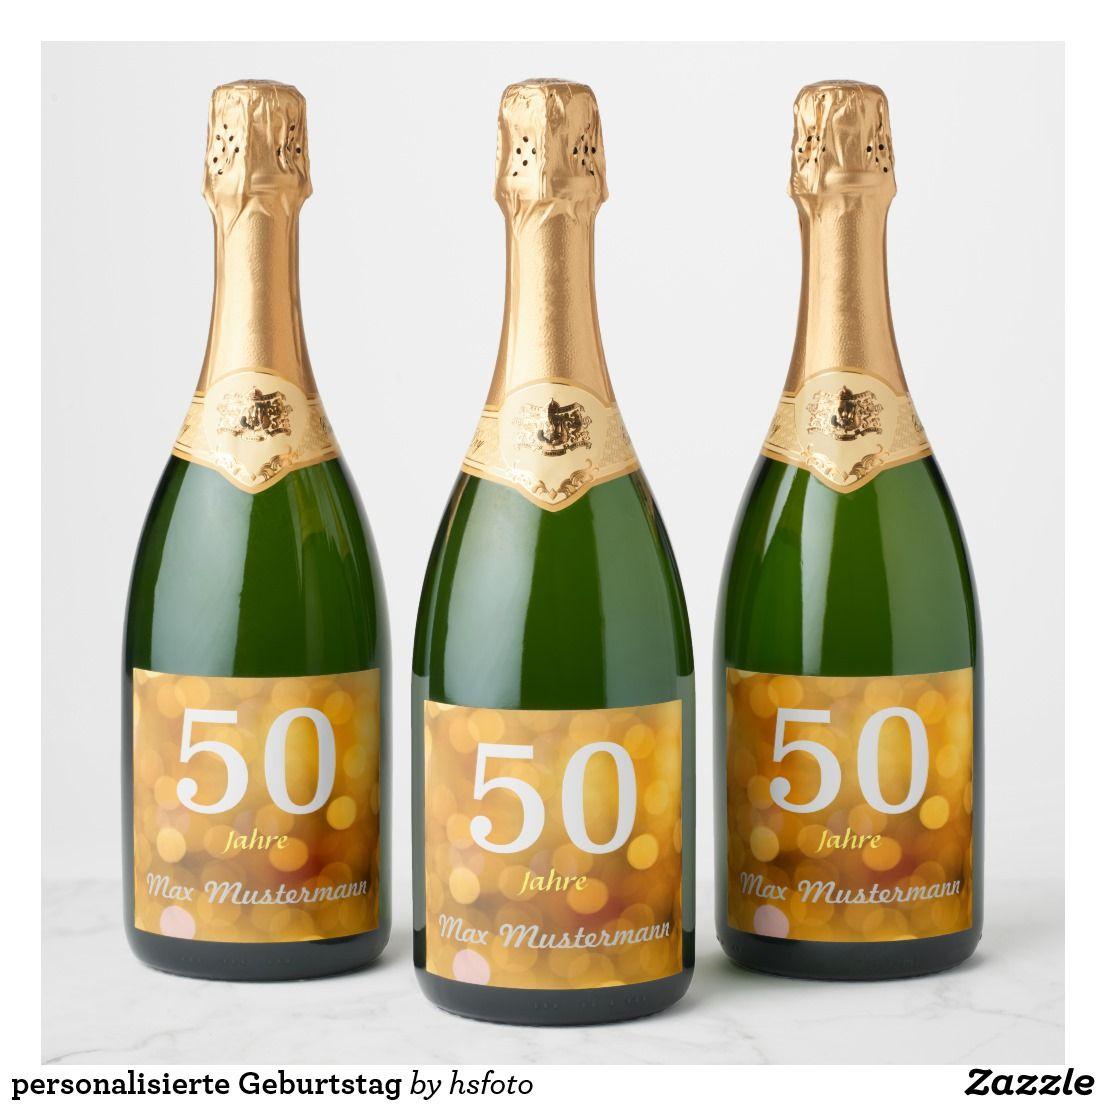 Personalisierte Geburtstag Champagneretikett Zazzlede In